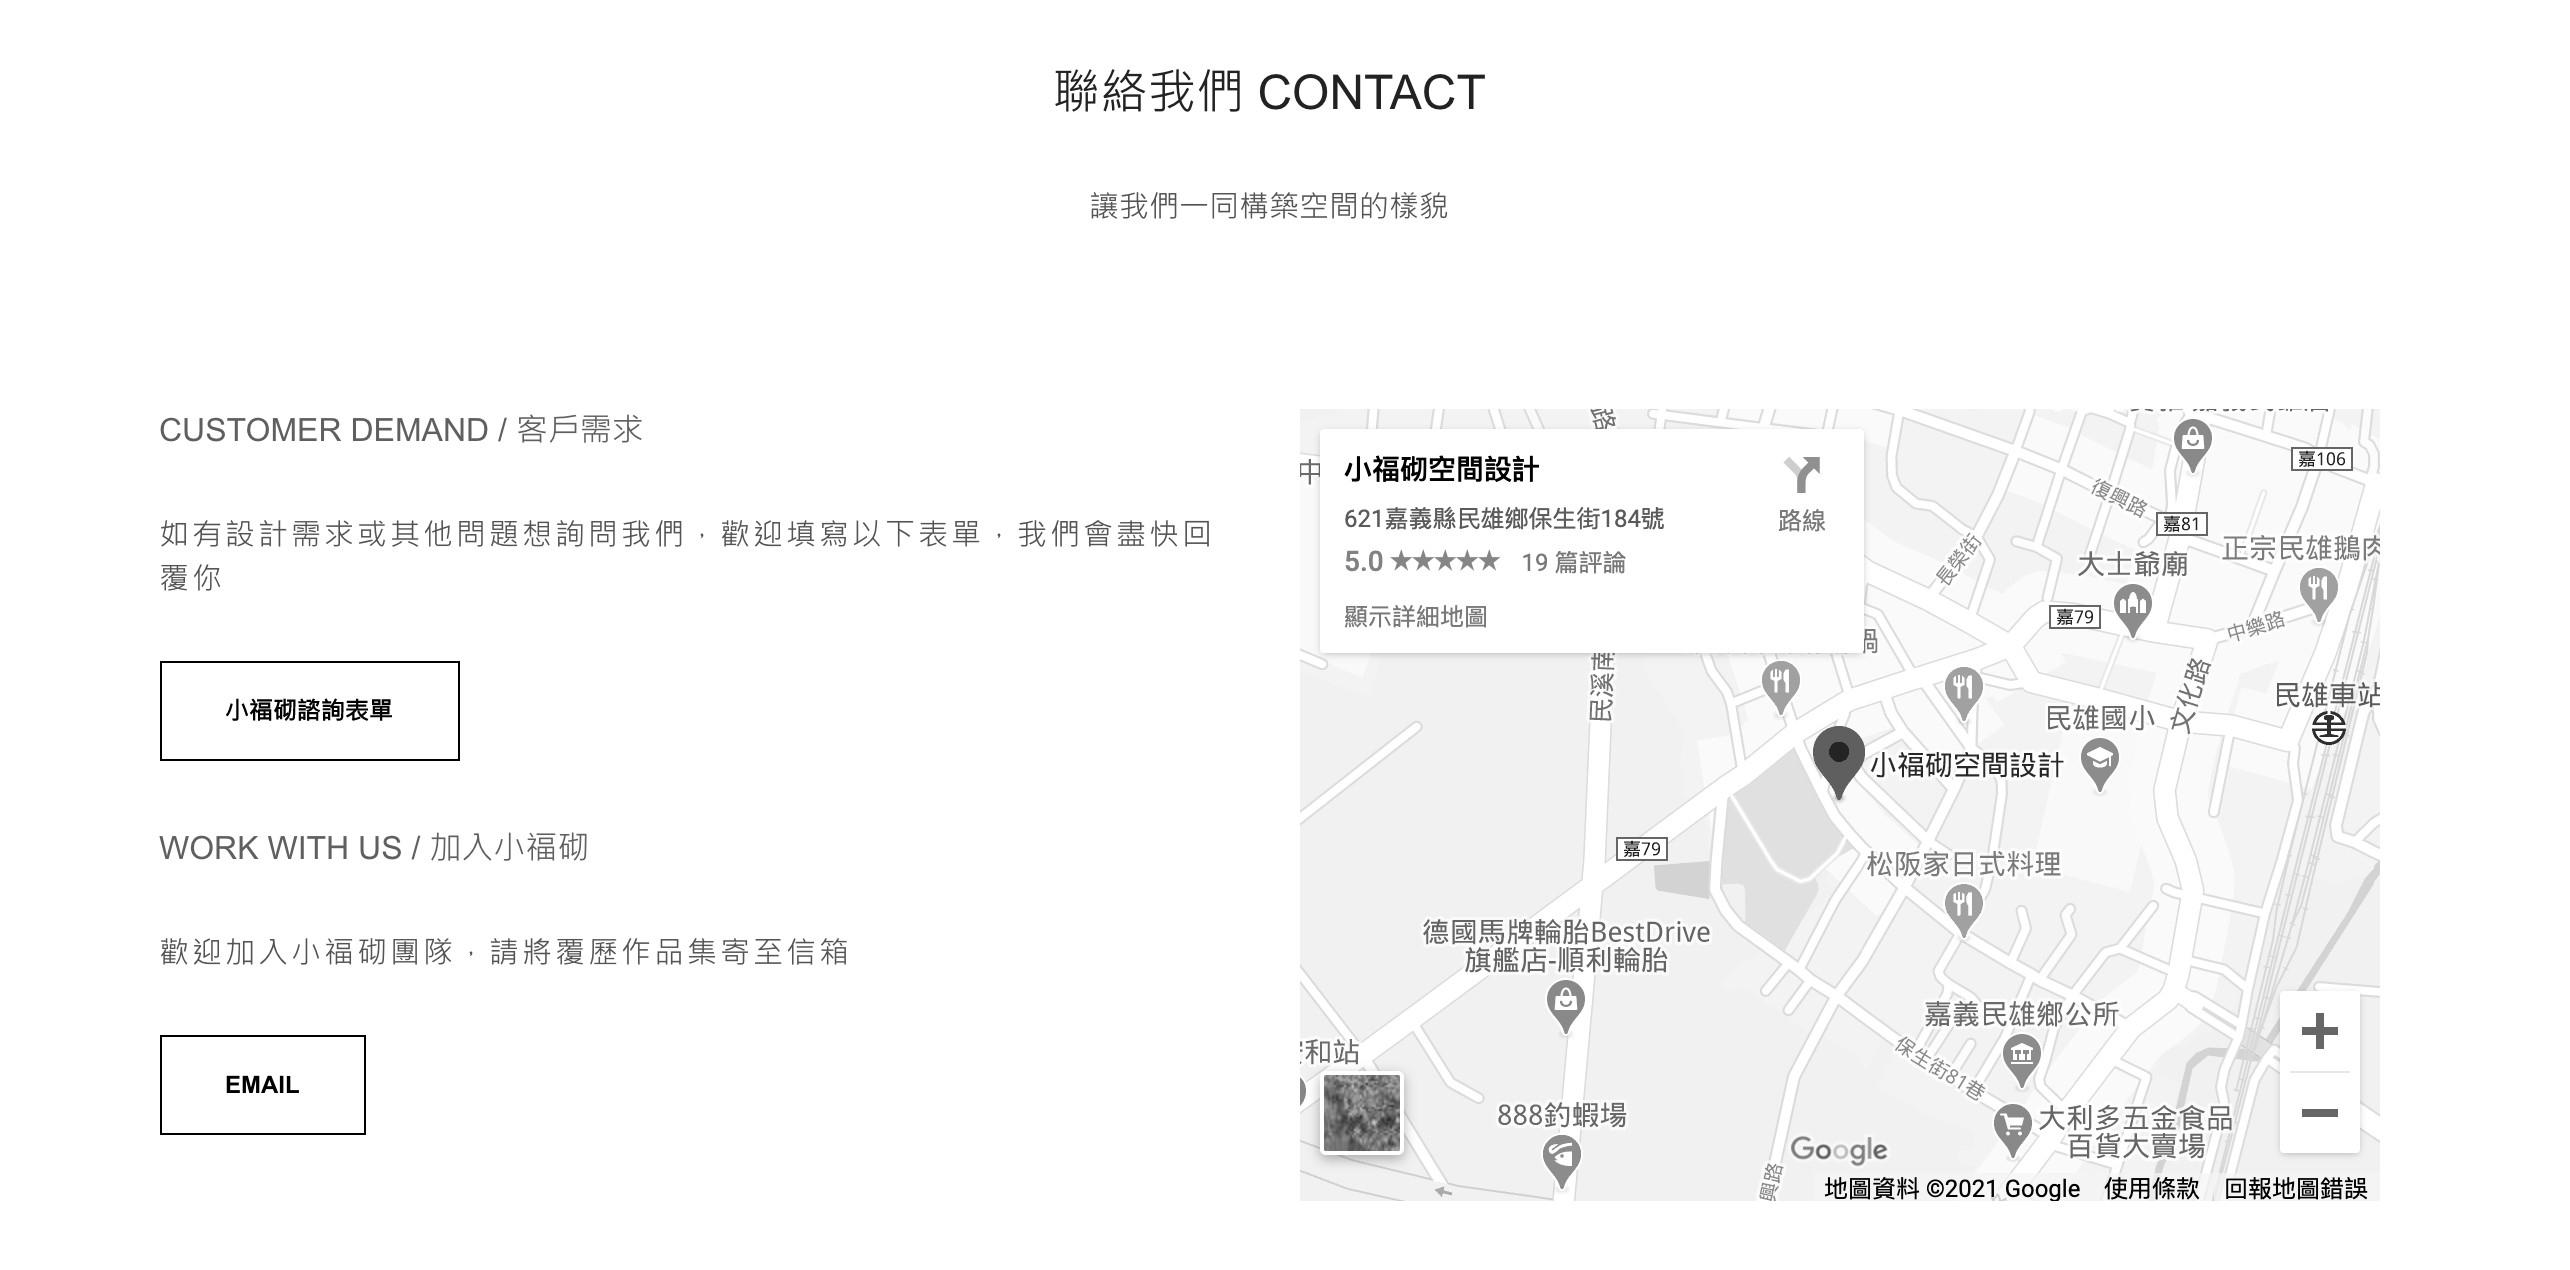 嘉義SEO優化網頁設計案例-聯絡我們諮詢頁面|小福砌空間設計、嘉義市內設計推薦